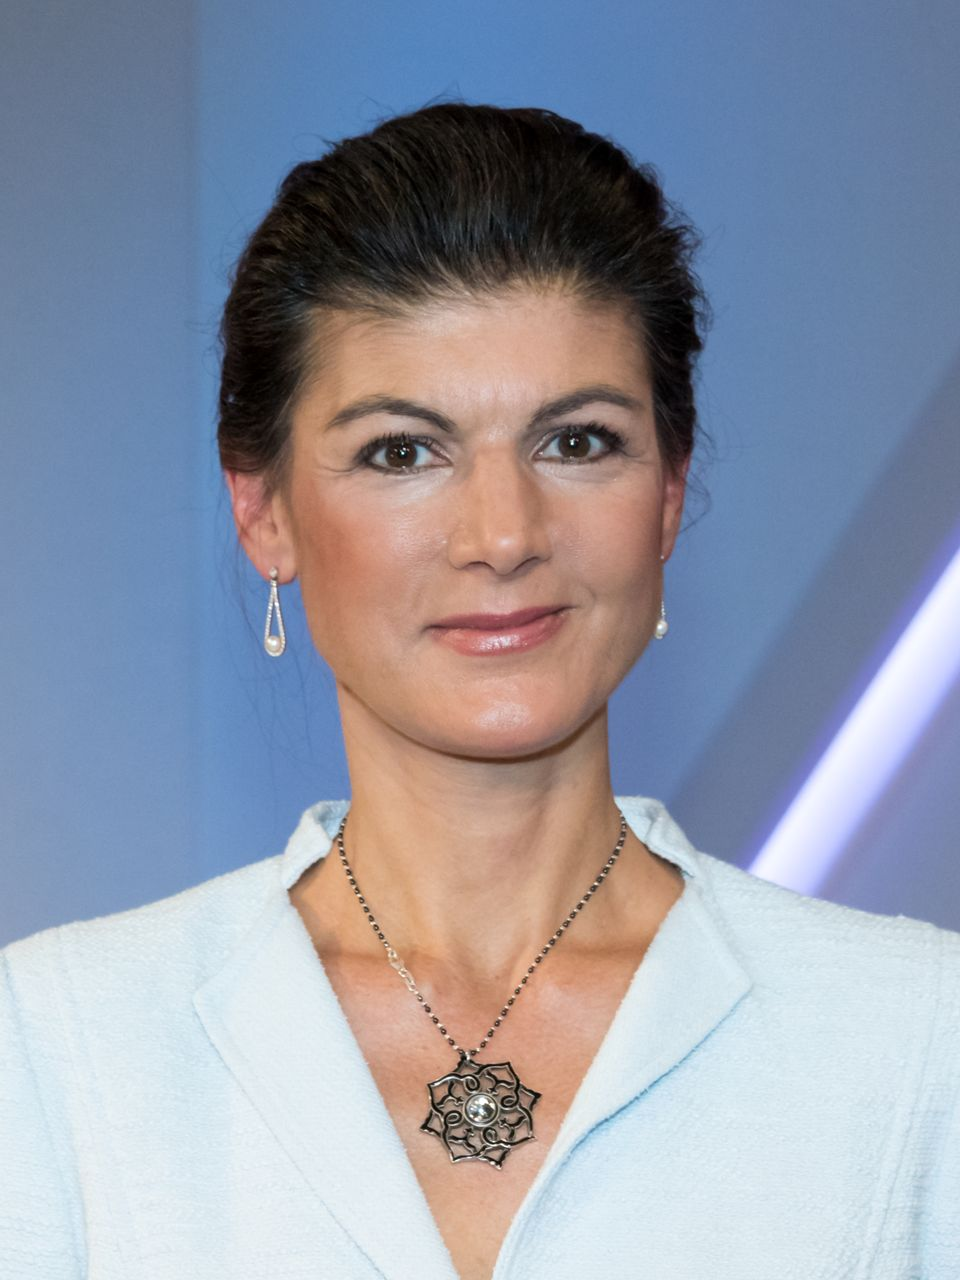 Sahra Wagenknecht ruft nach De-Globalisierung - World